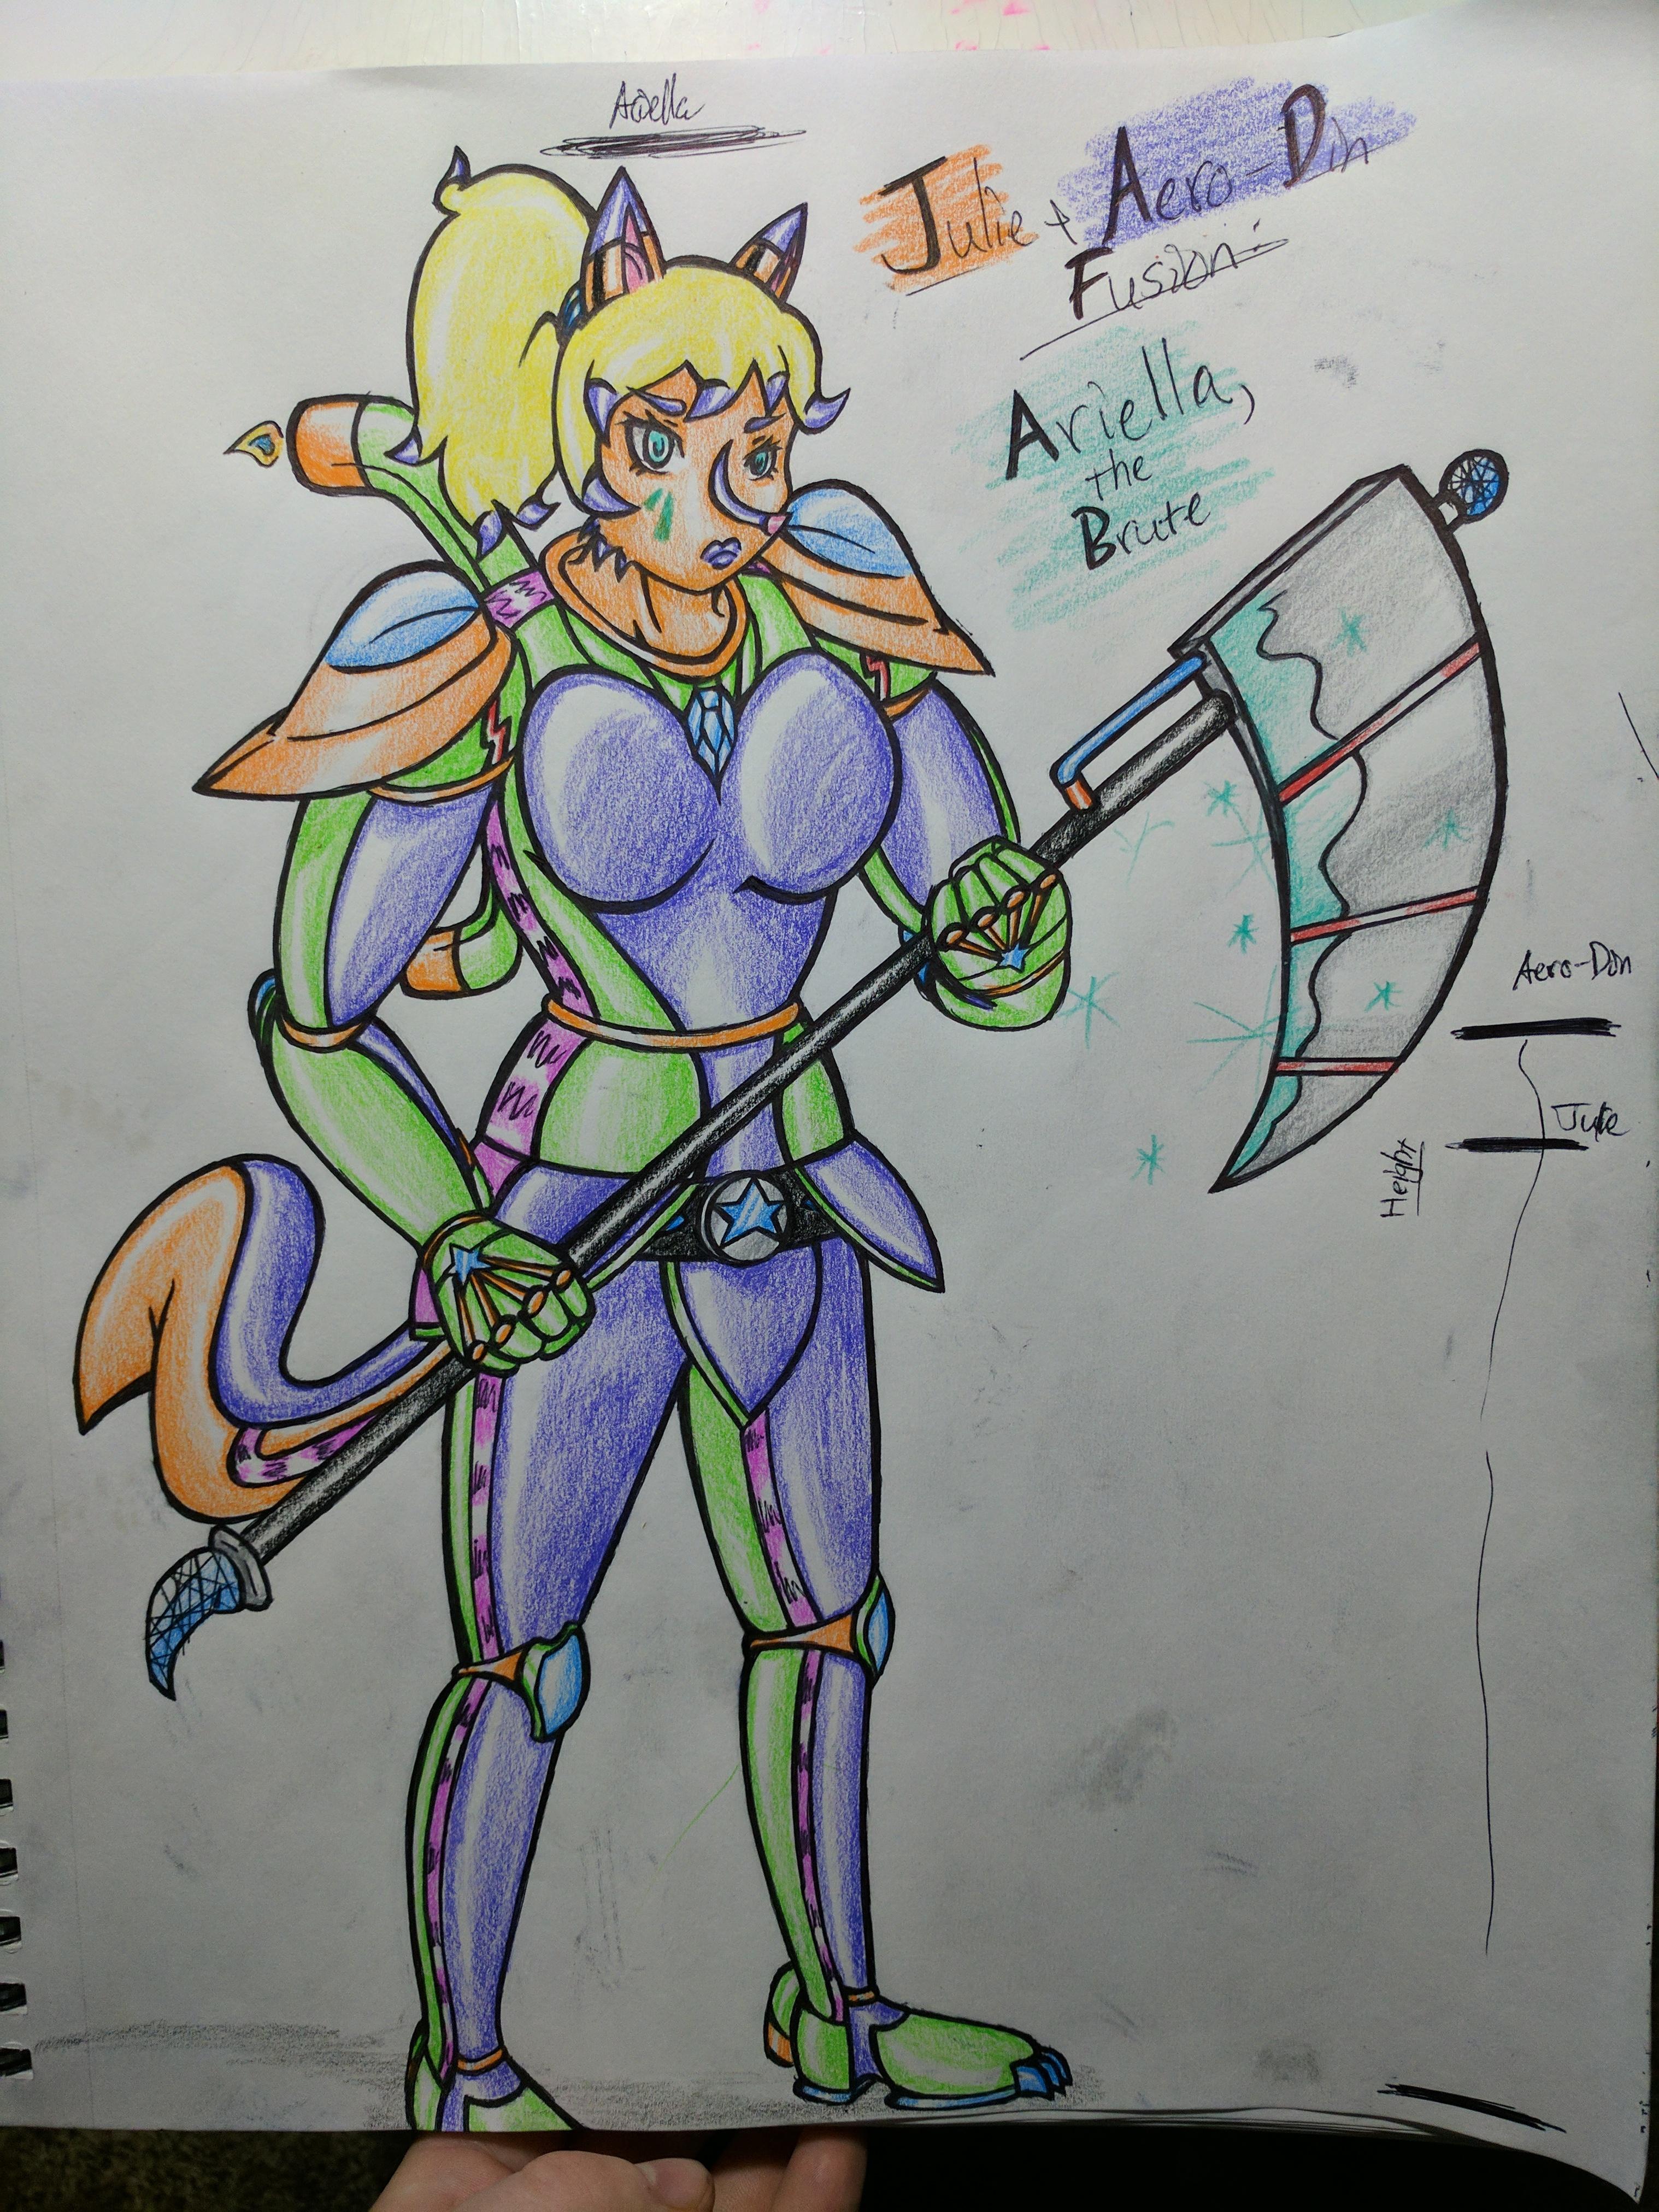 Welcome the Fusion: Ariella, the Brute